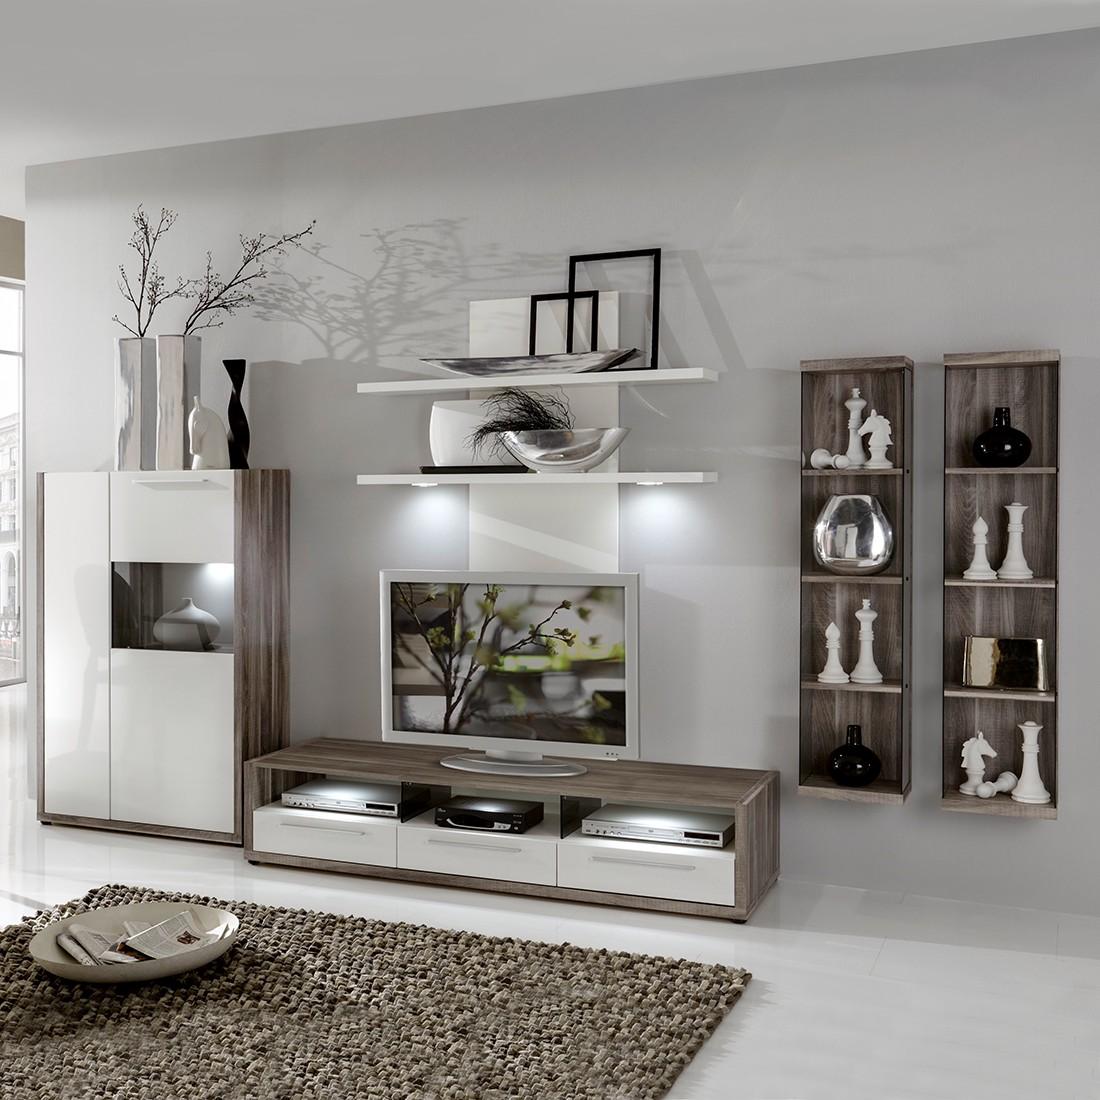 wohnwand rigoni 5 teilig wei hochglanz encanto eiche dekor ohne beleuchtung schrank. Black Bedroom Furniture Sets. Home Design Ideas